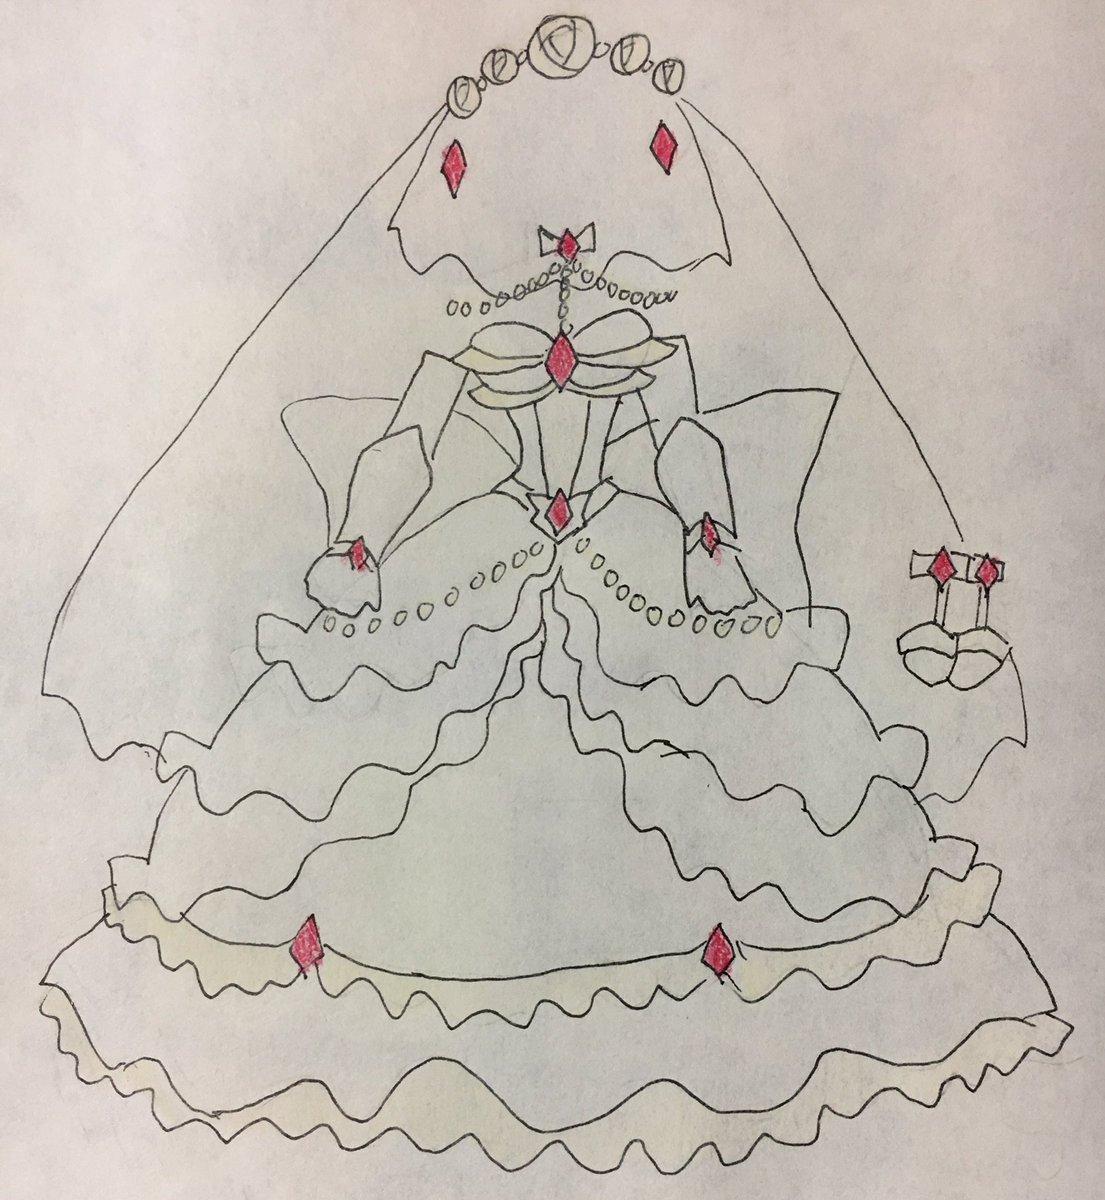 煉獄花嫁衣装のラフ様バージョン完成しました。 #オレカ #オレカバトル